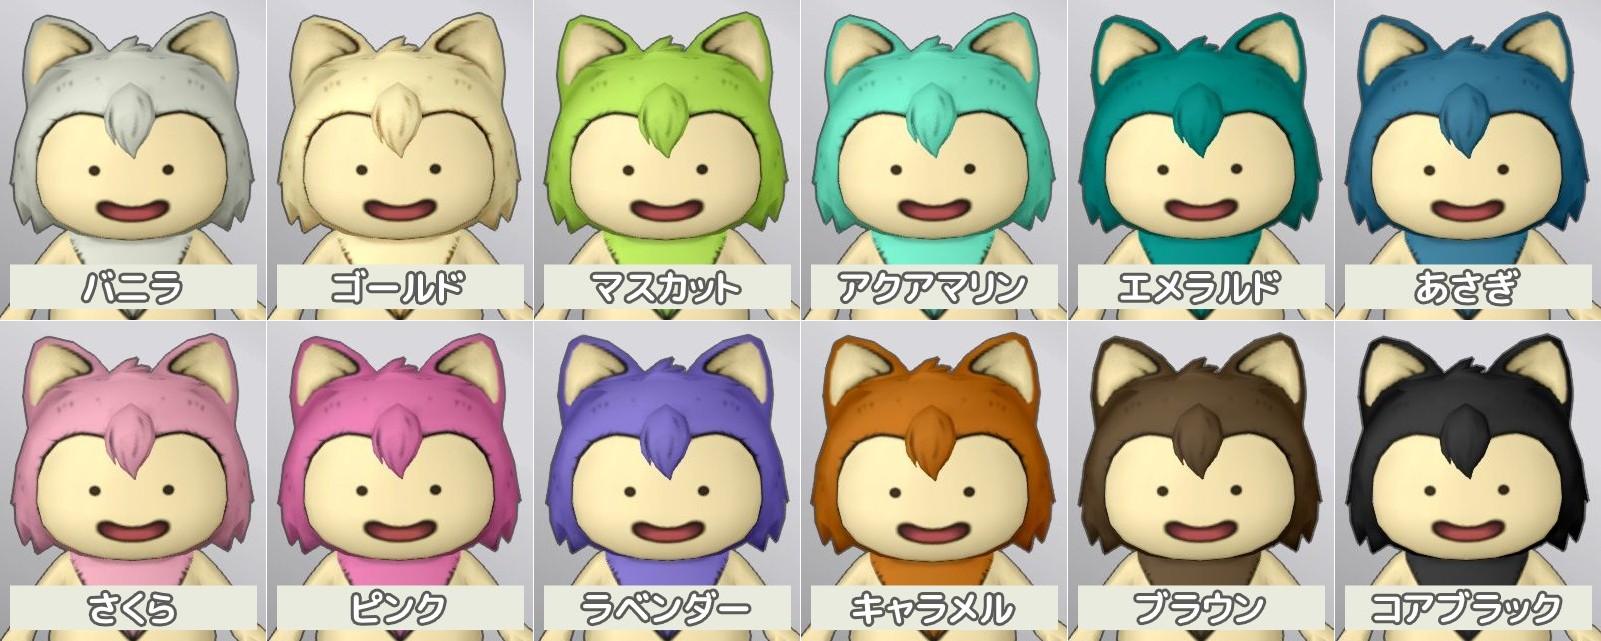 DQX ver1.0 初期の髪色(バニラ、ゴールド、マスカット、アクアマリン、エメラルド、あさぎ、さくら、ピンク、ラベンダー、キャラメル、ブラウン、コアブラック)